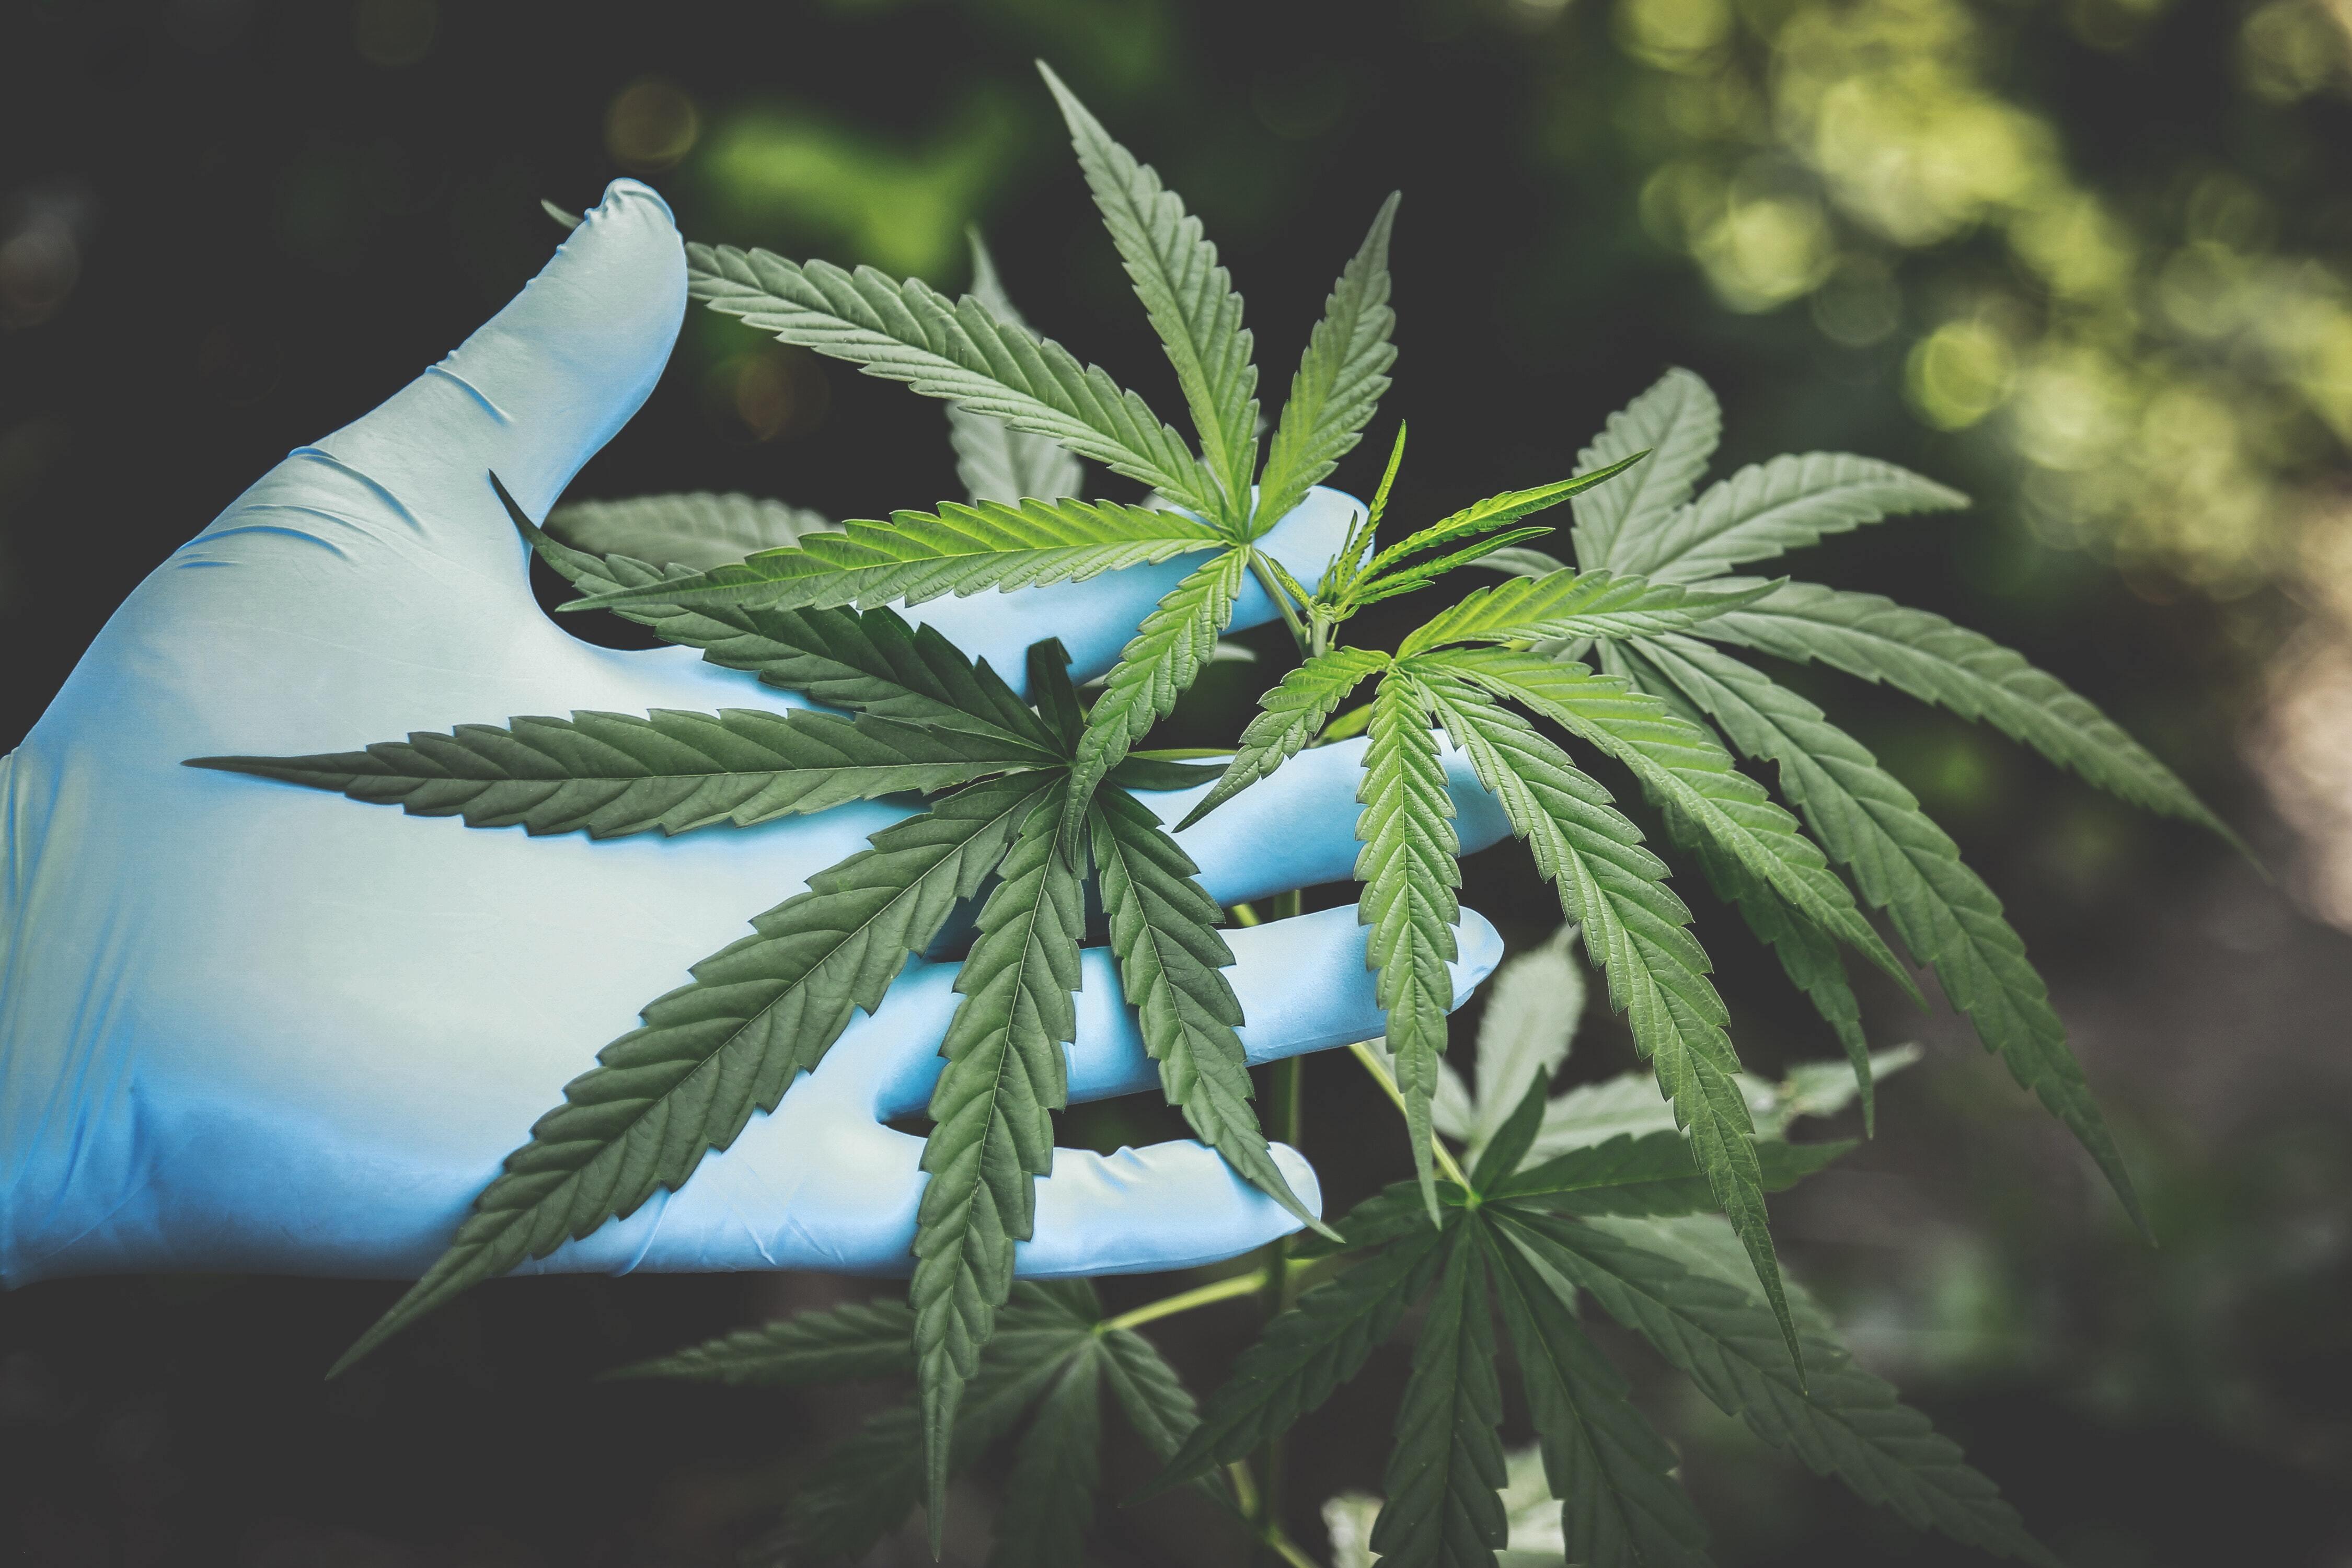 Un altro passo verso la legalizzazione della Cannabis